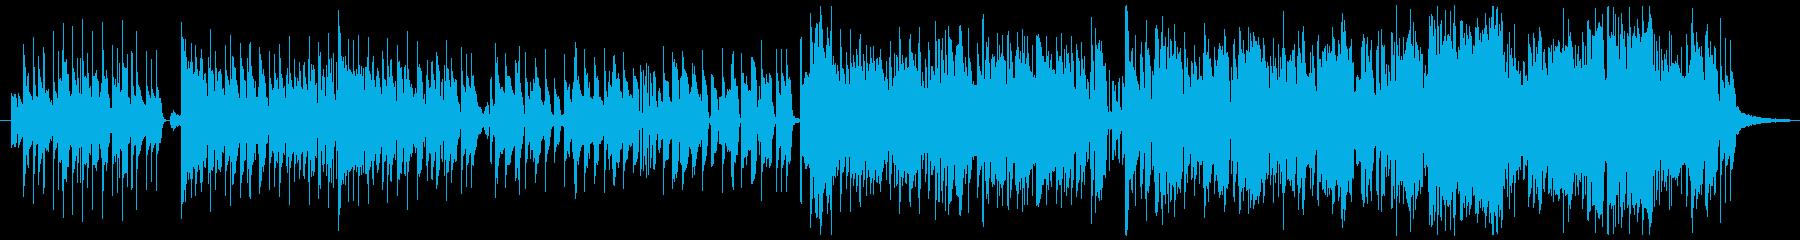 現代版人魚姫っぽい女性ボーカル曲の再生済みの波形